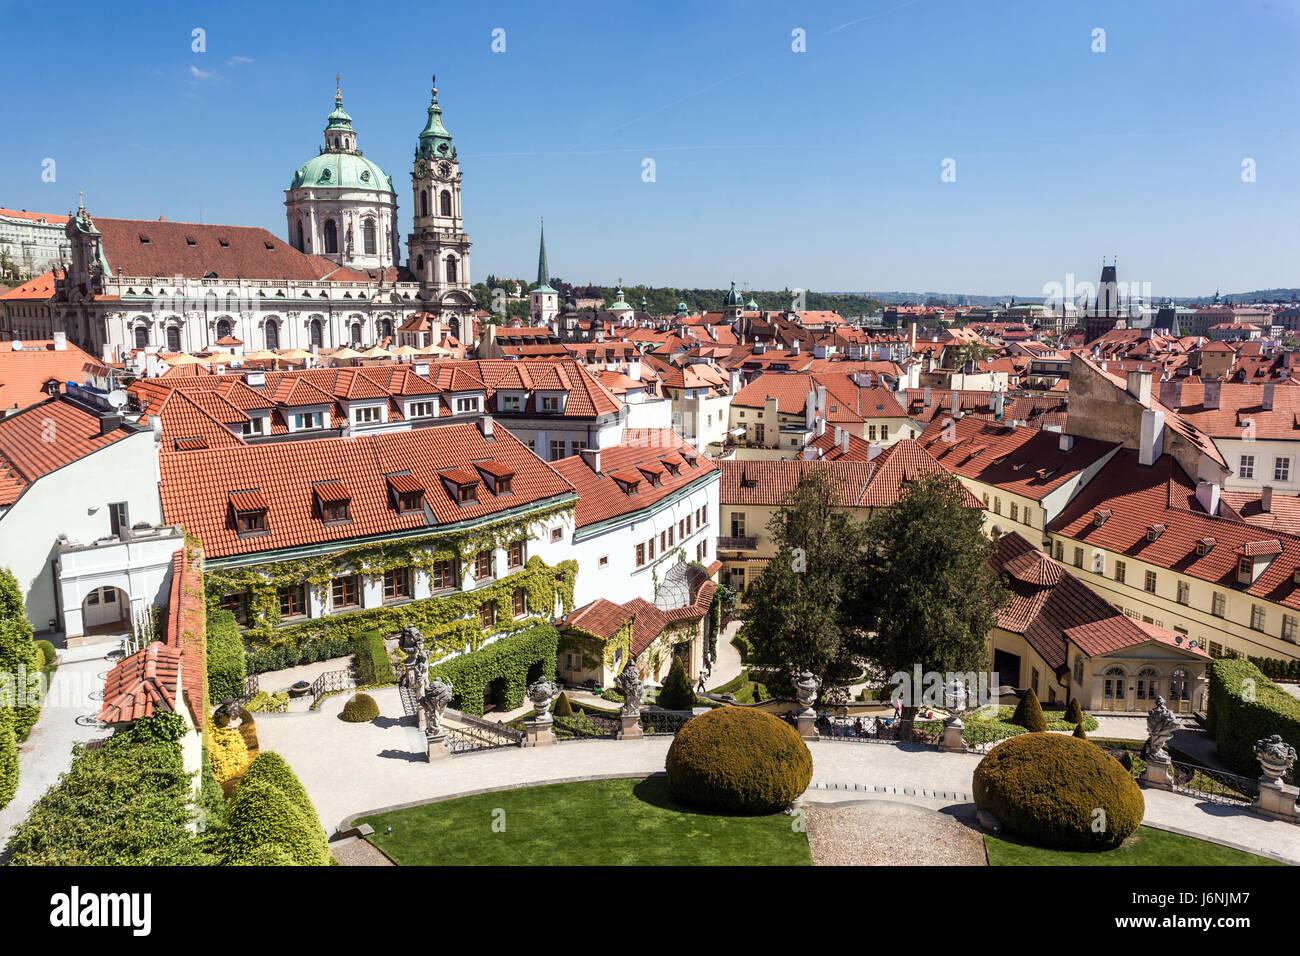 vrtba garden prague czech - photo #23